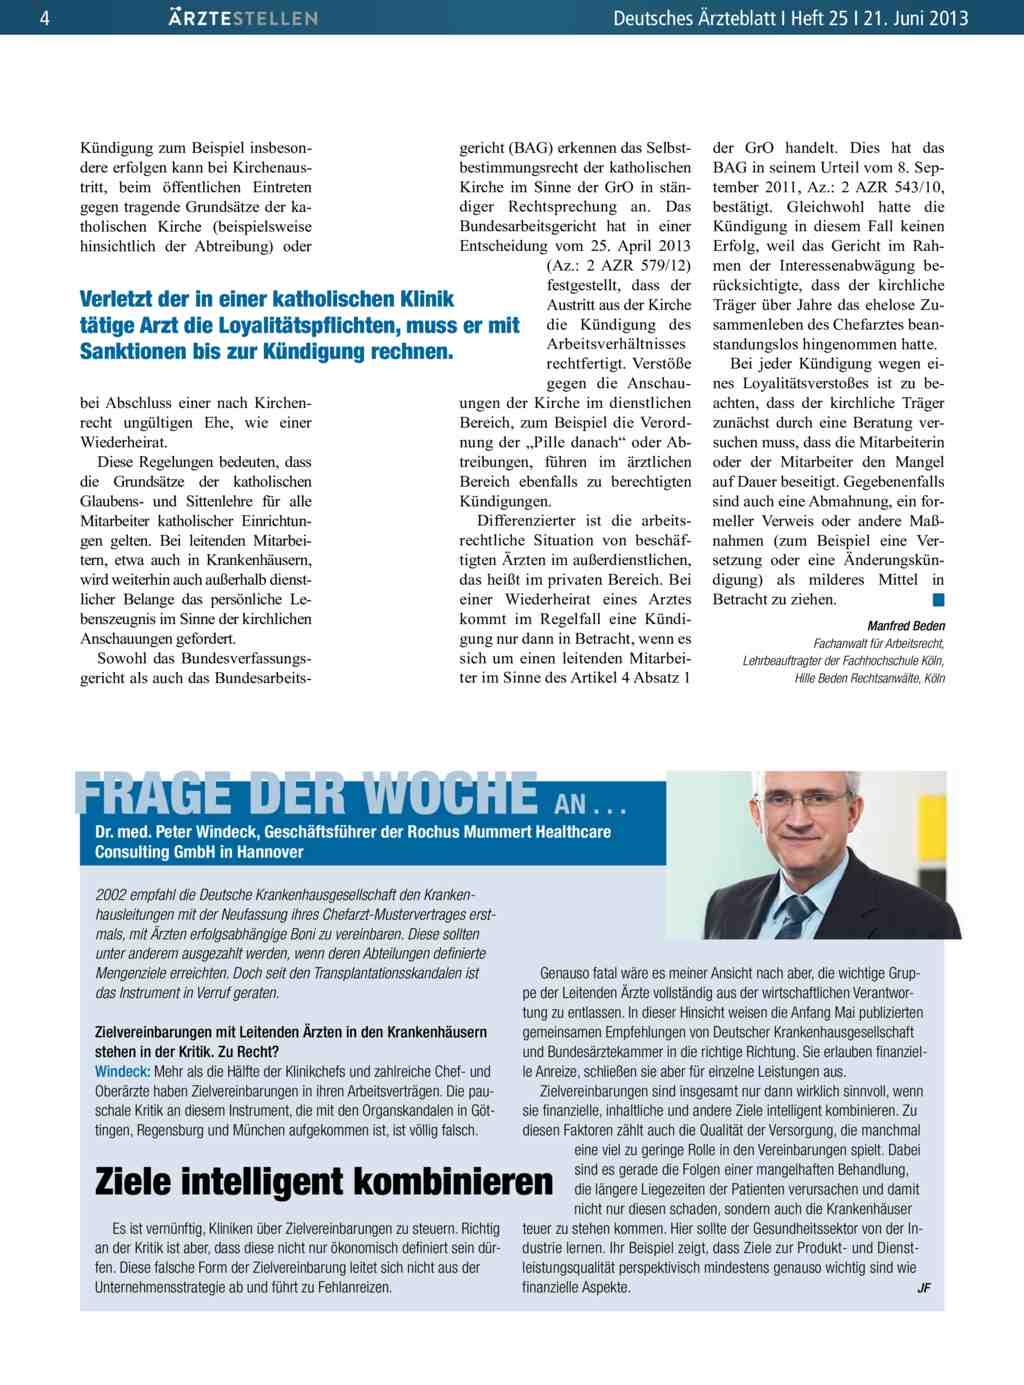 Frage Der Woche An Dr Peter Windeck Geschäftsführer Der